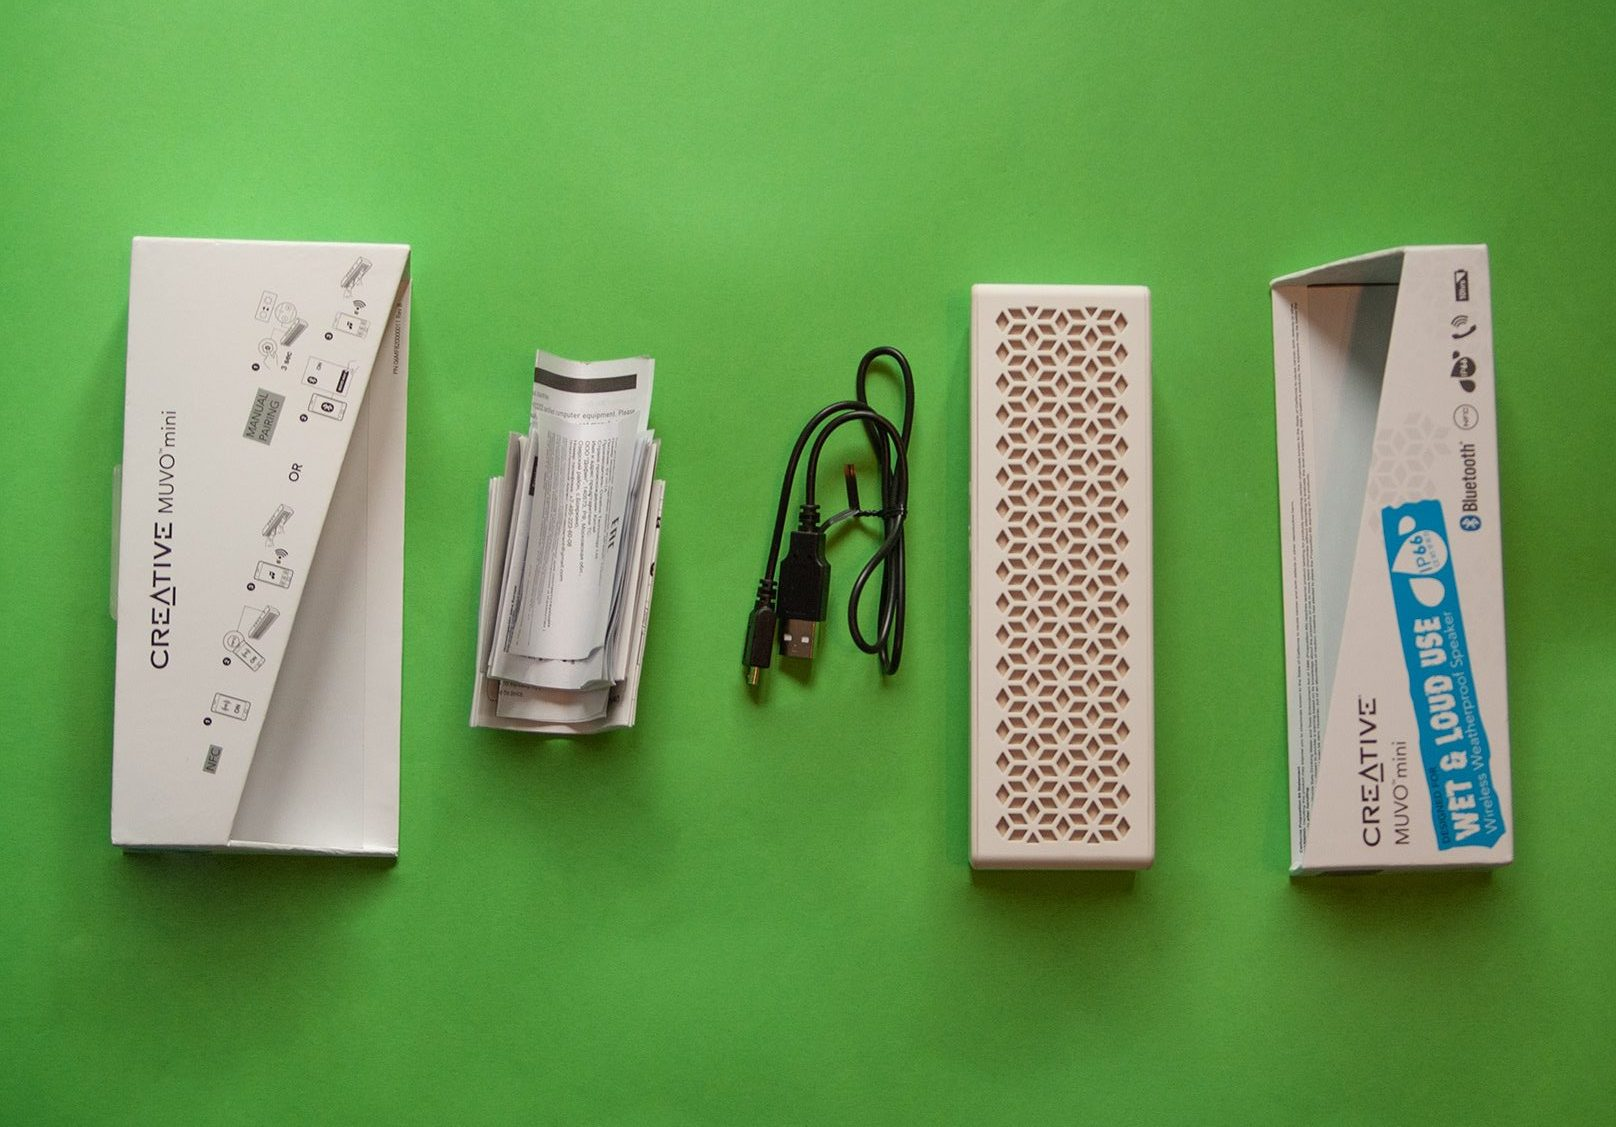 Creative Muvo Mini - głośnik, który potrafi zaskoczyć (recenzja) 19